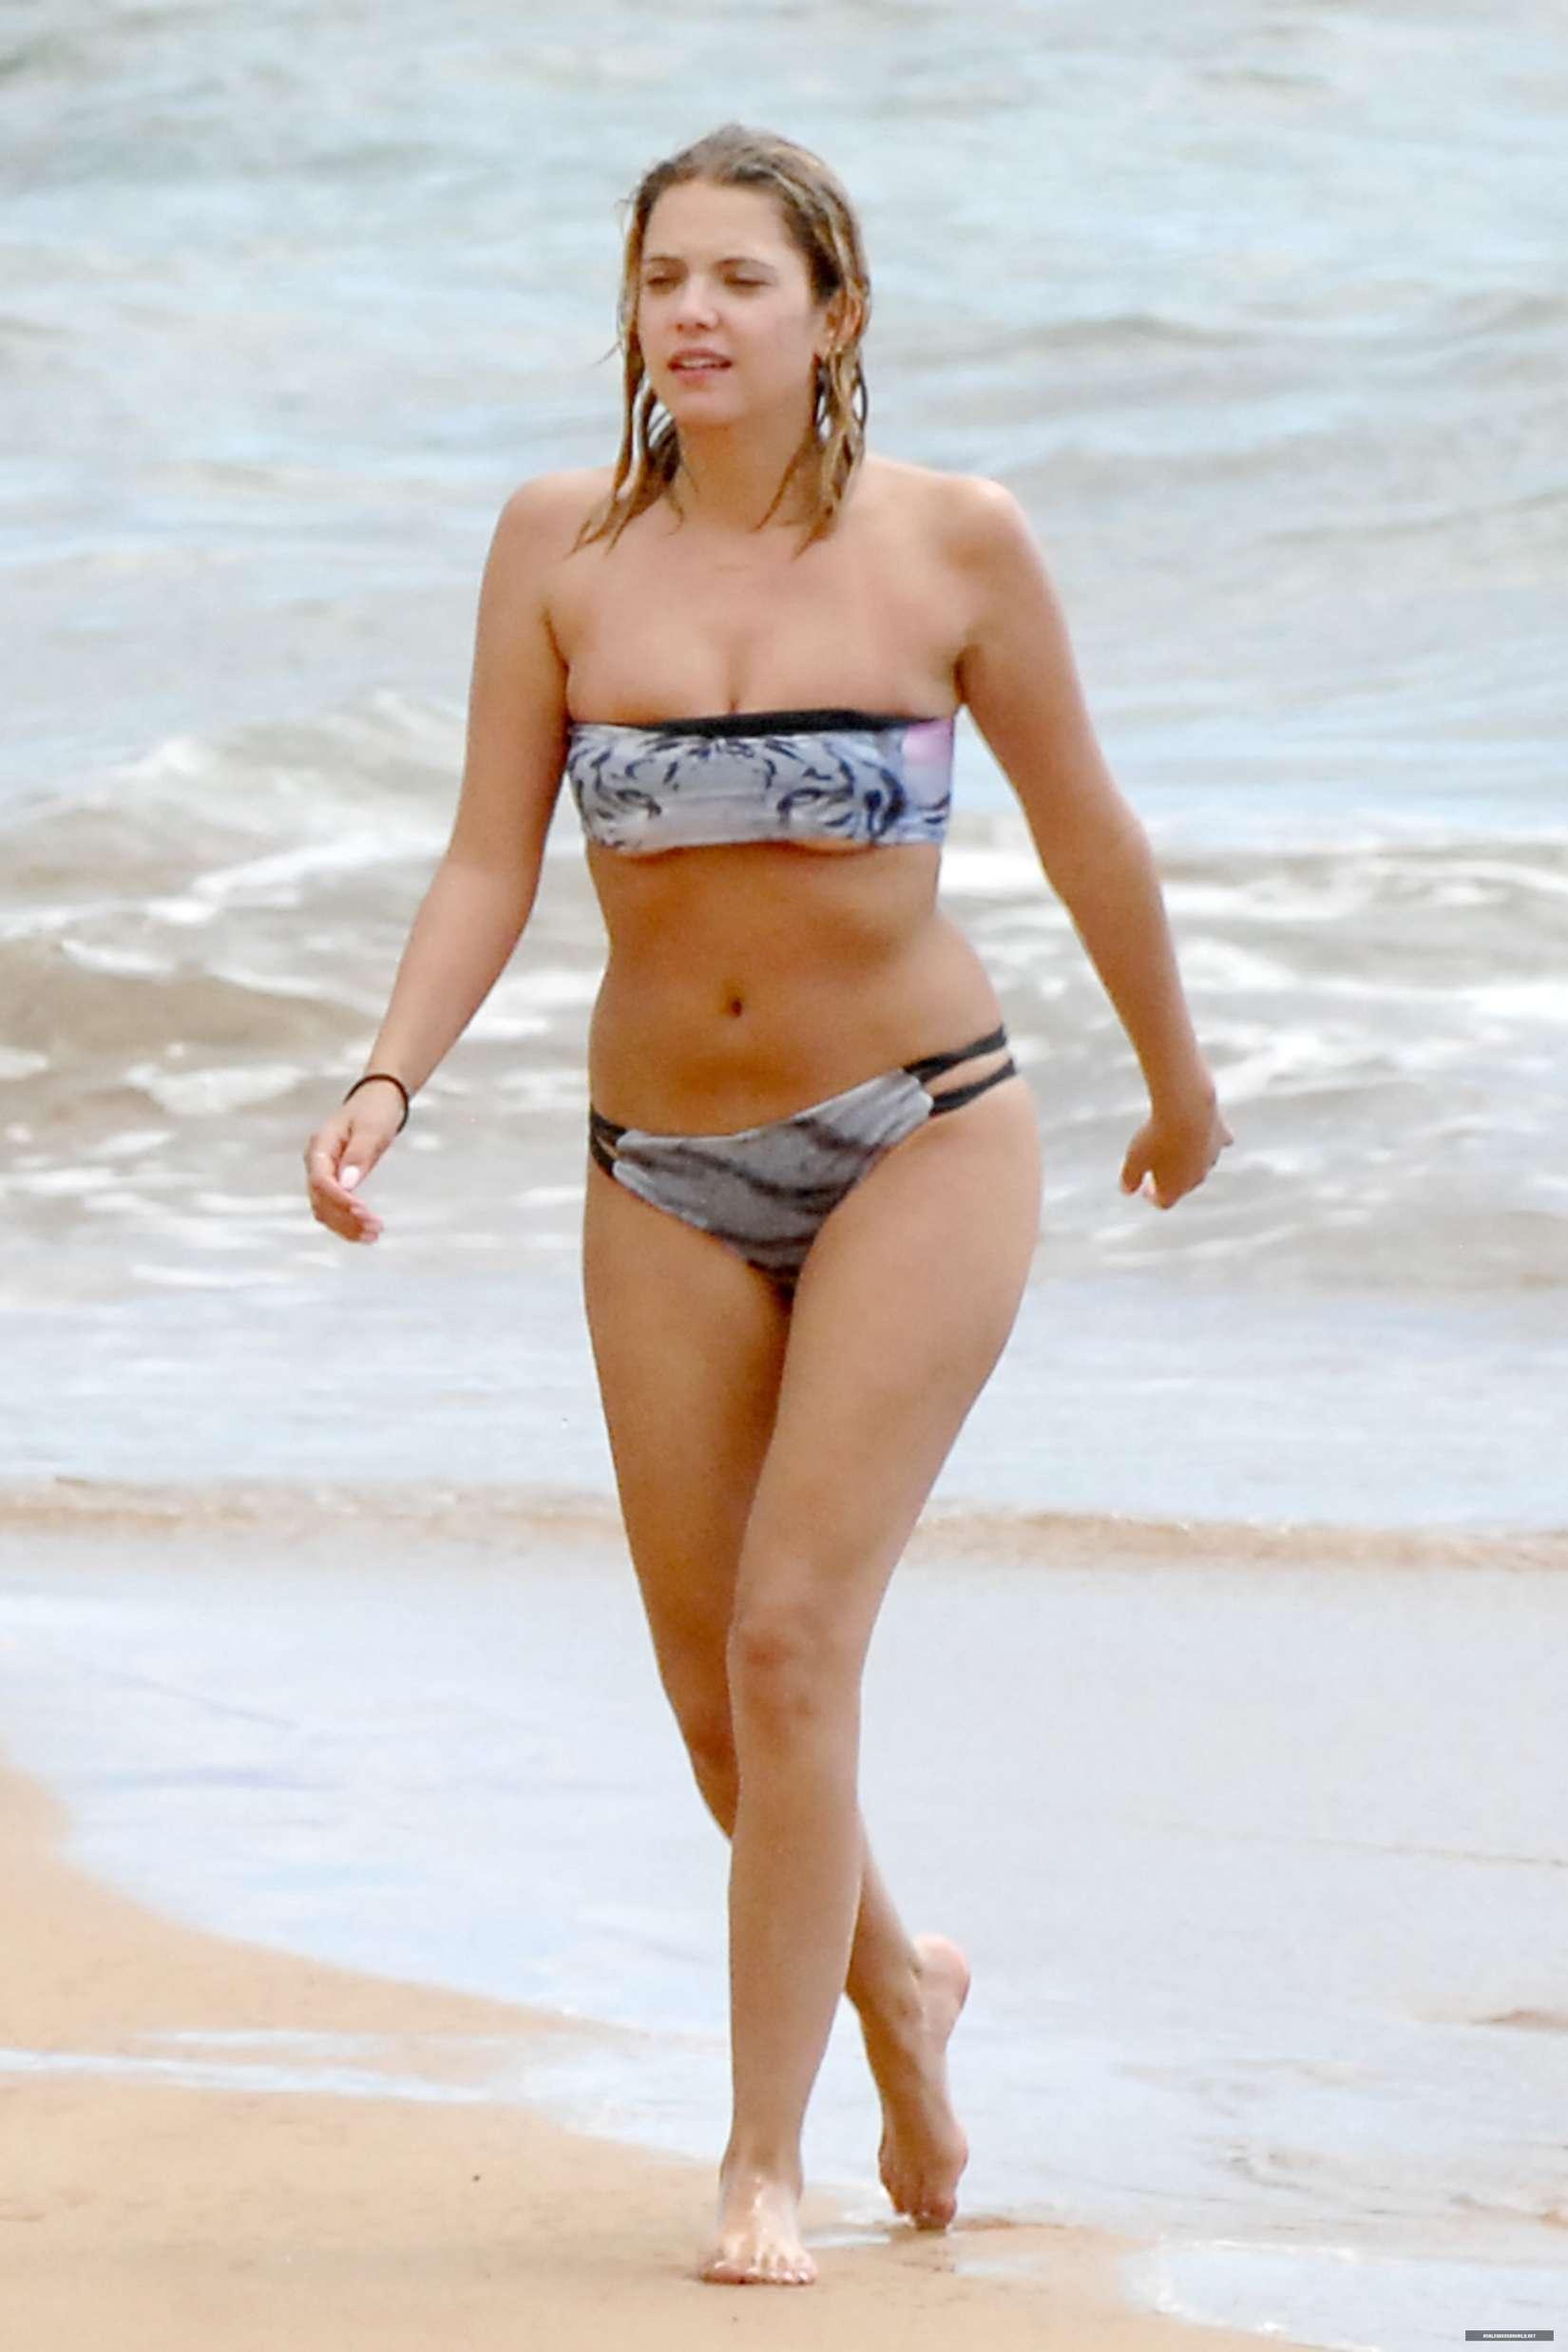 Ashley Benson Wearing A Bikini At A Beach In Hawaii Gotceleb